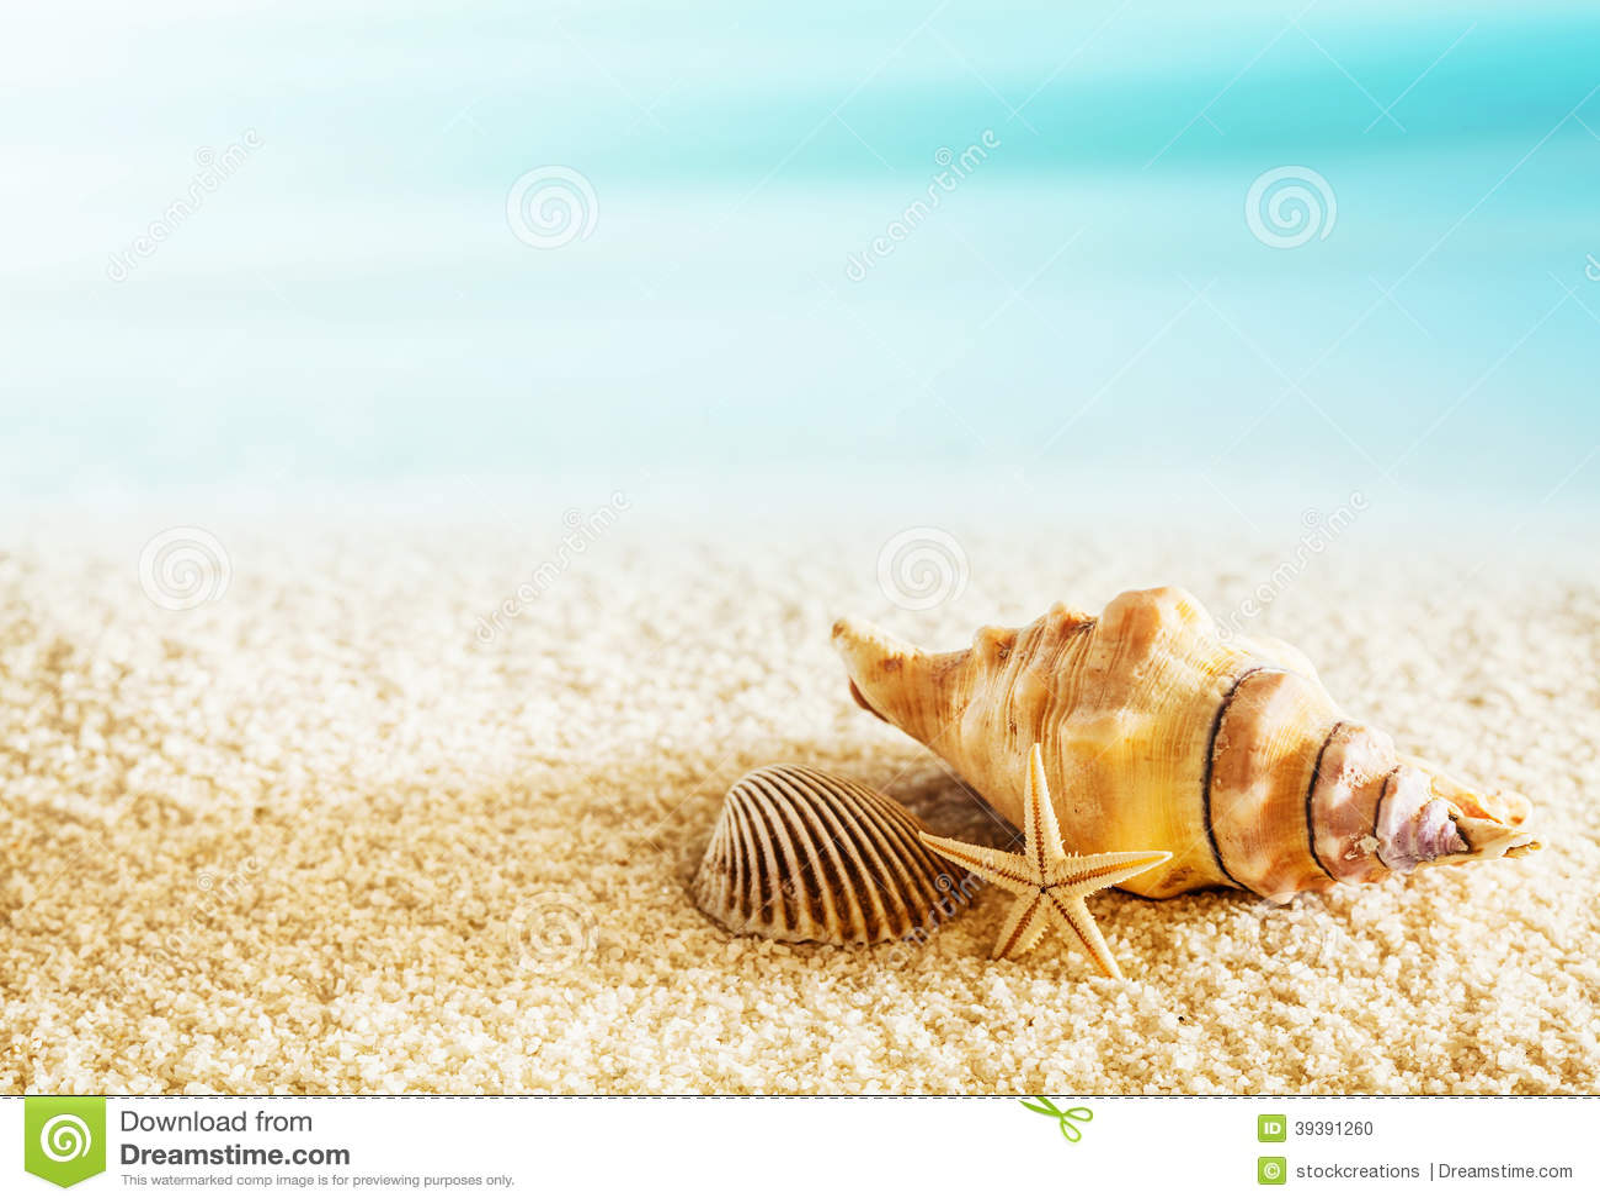 coquillages sur un bord de la mer tropical photo stock image du c te moule 39391260. Black Bedroom Furniture Sets. Home Design Ideas